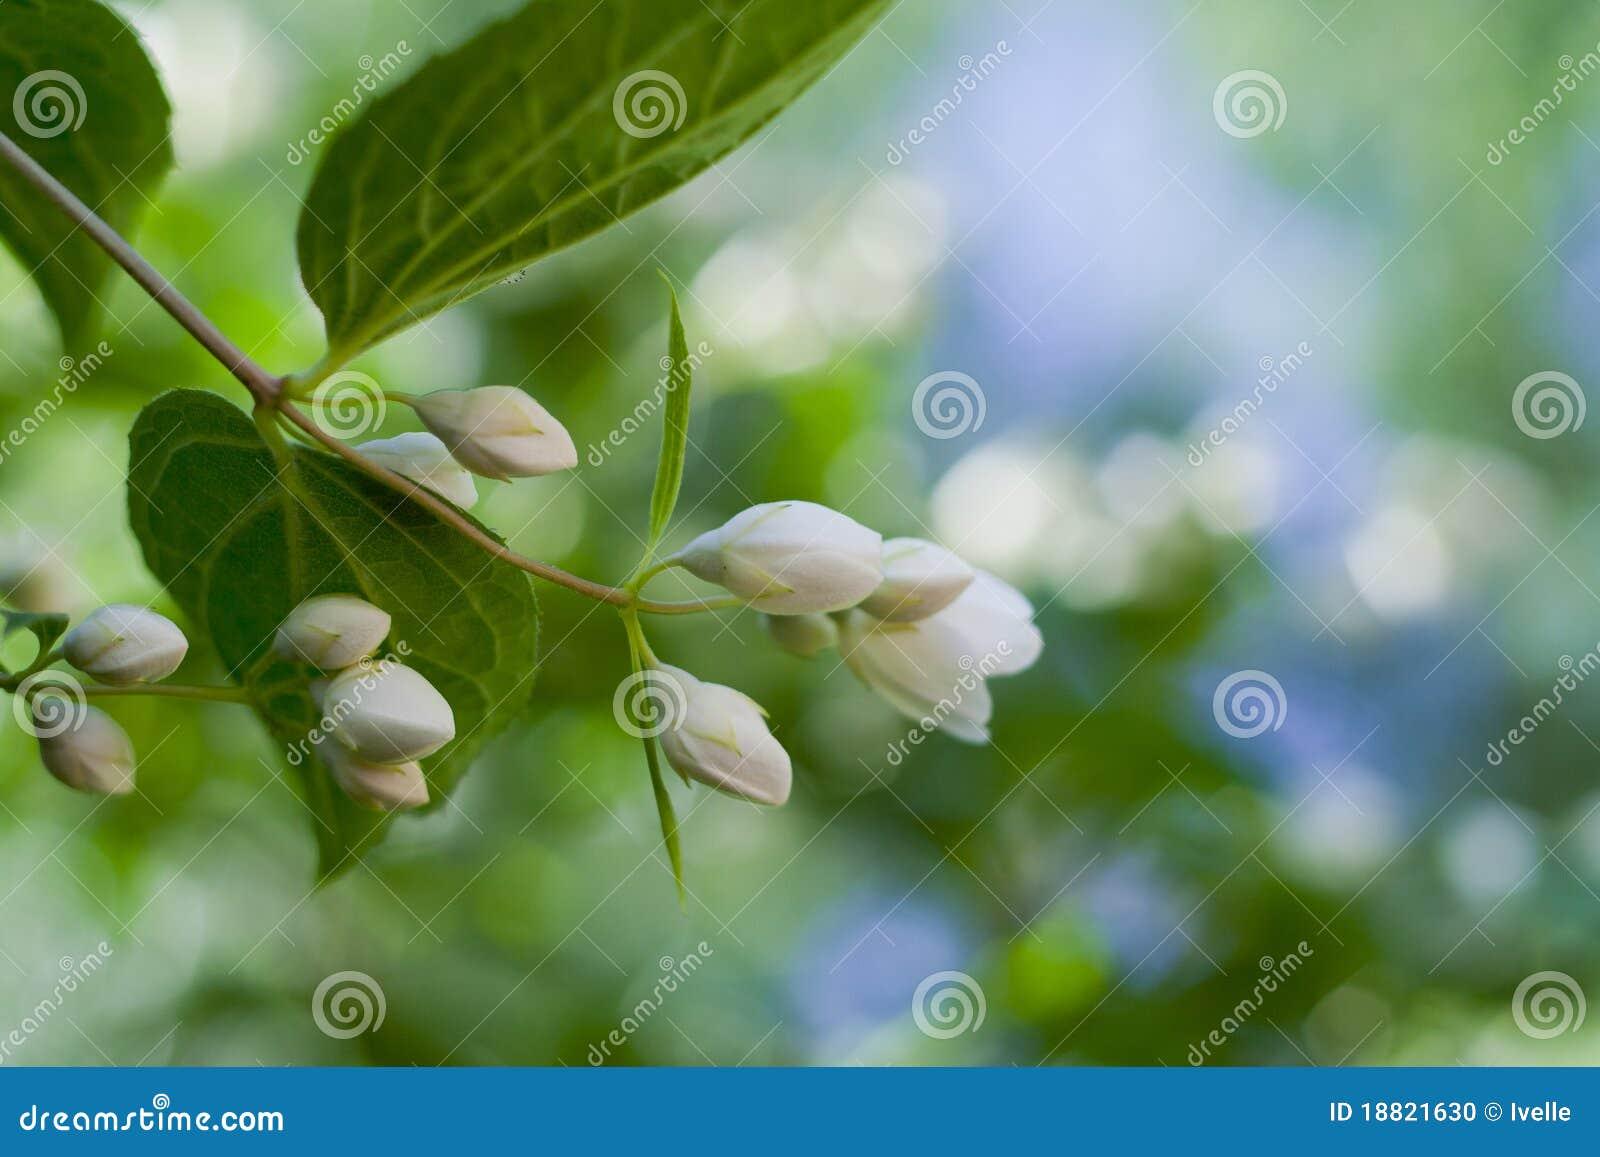 Beautiful fresh jasmine flowers stock photo image of green blue beautiful fresh jasmine flowers izmirmasajfo Gallery